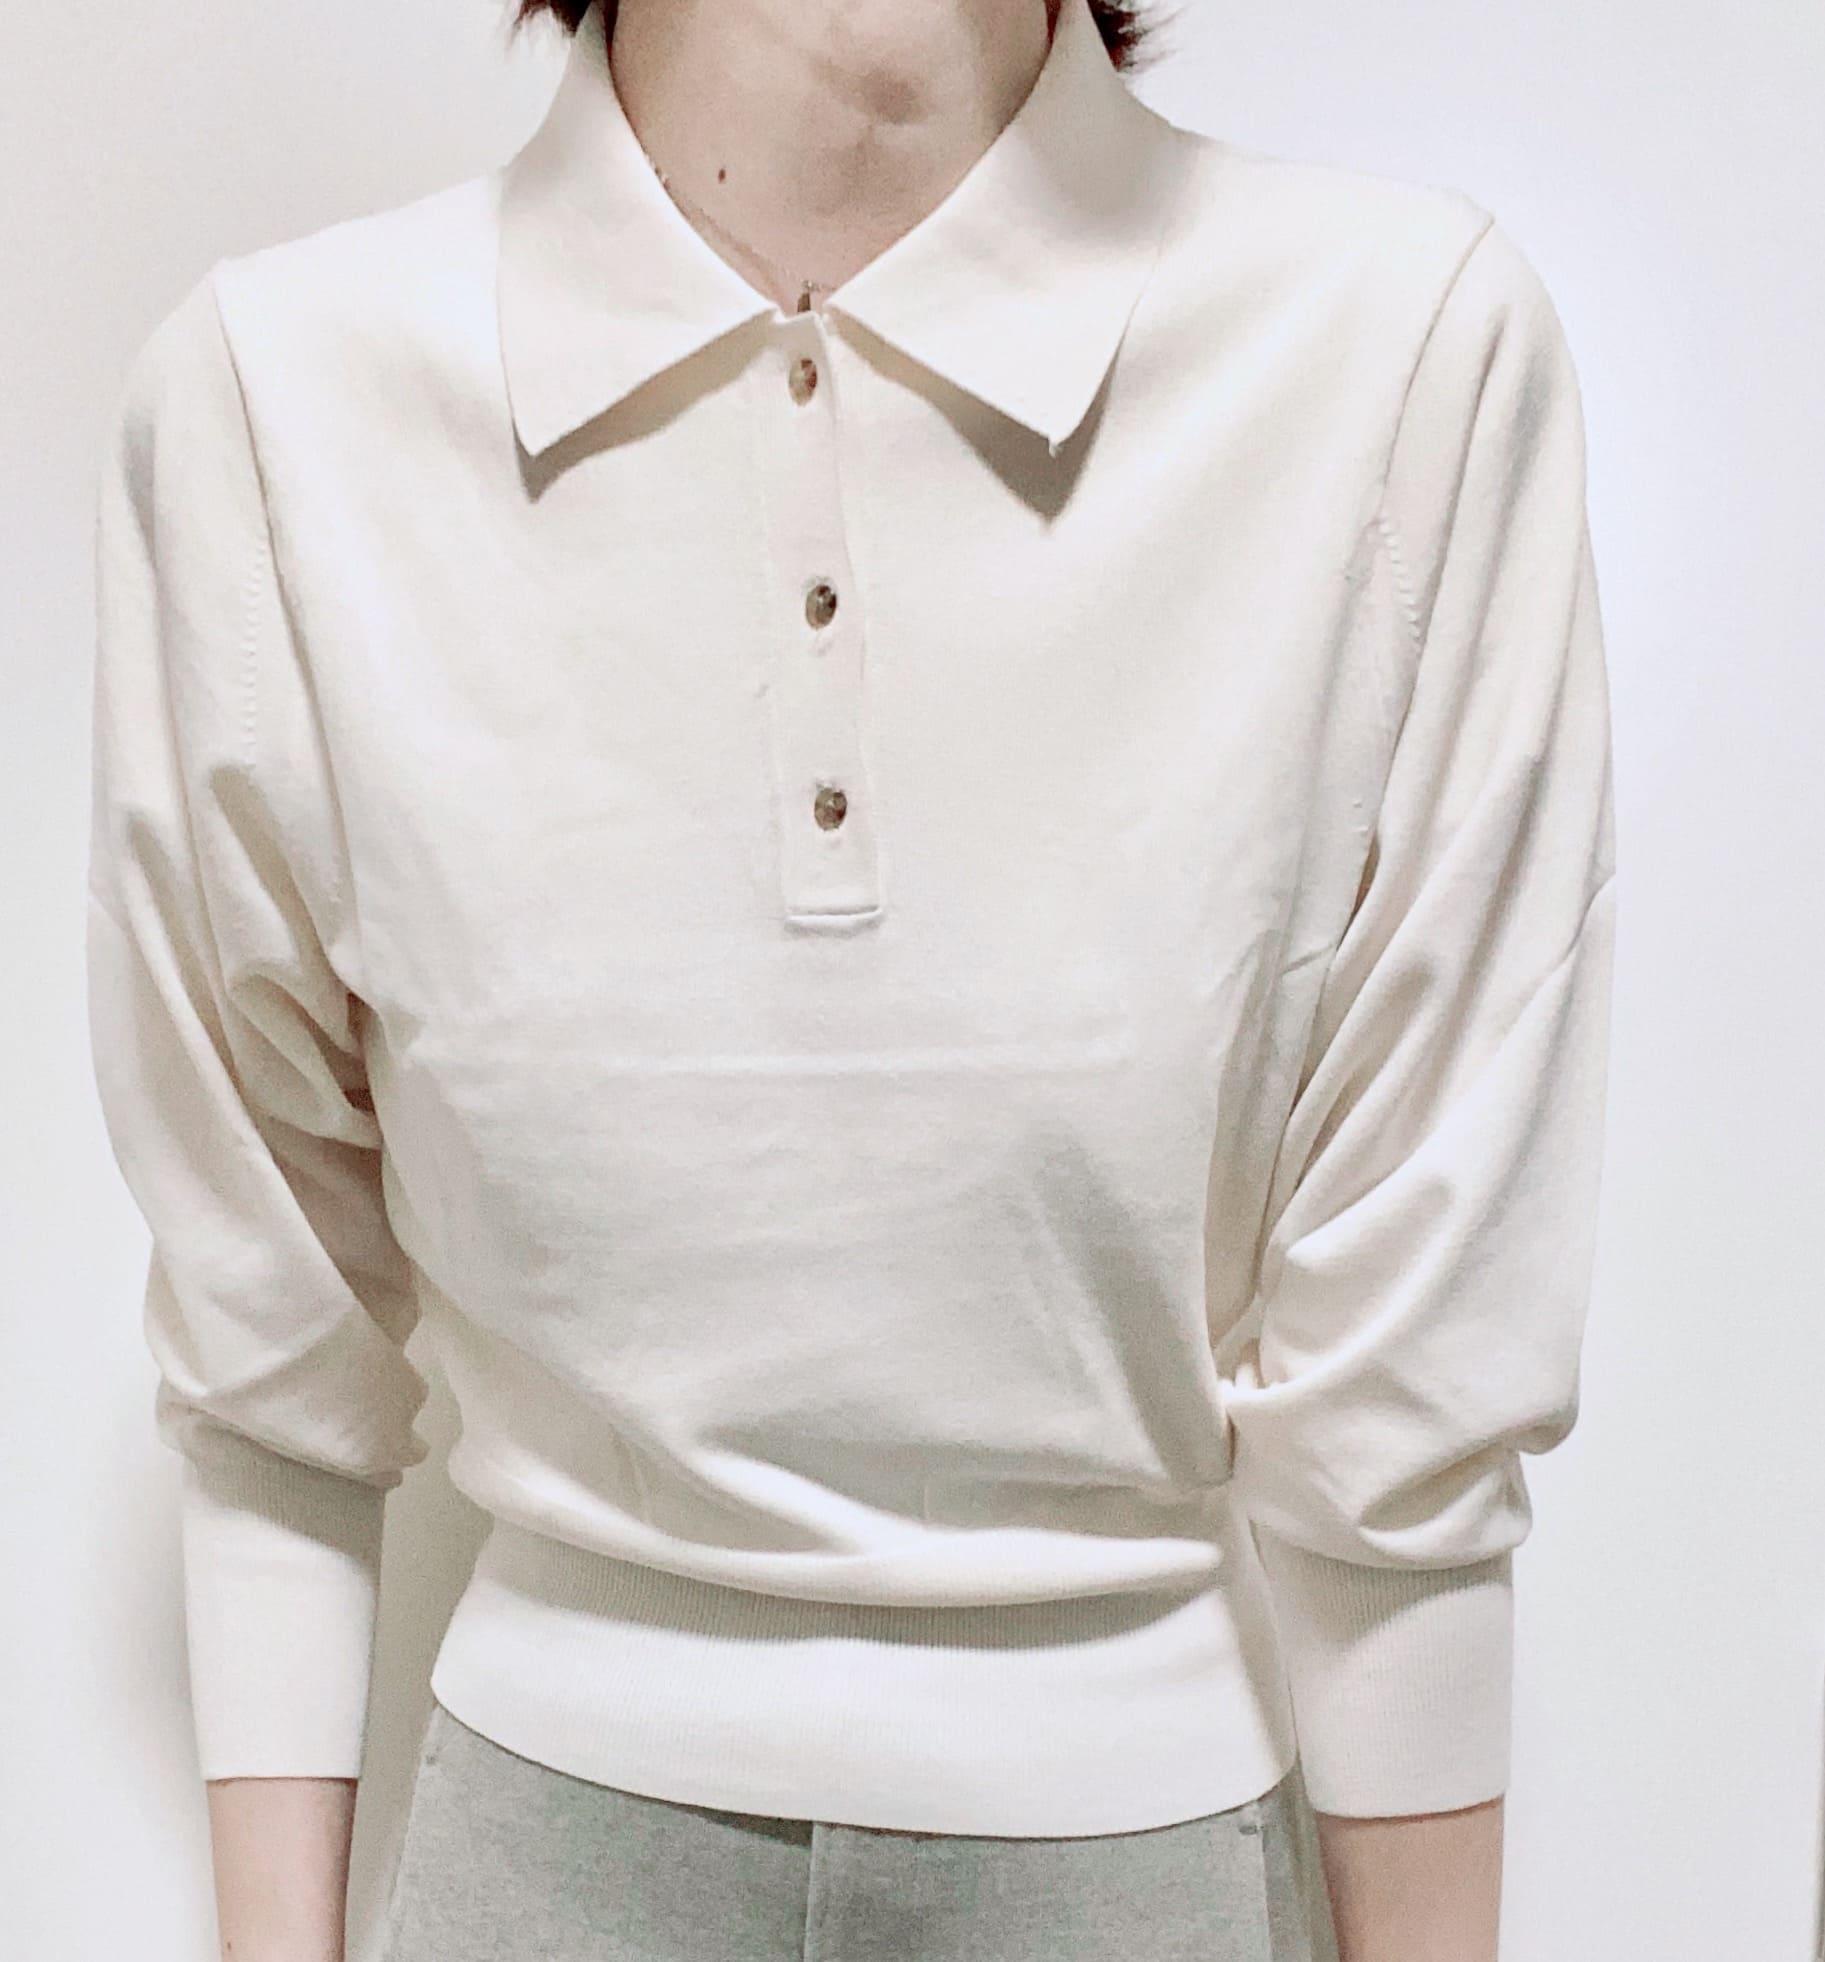 《ユニクロのおすすめアイテム》ニットポロシャツ